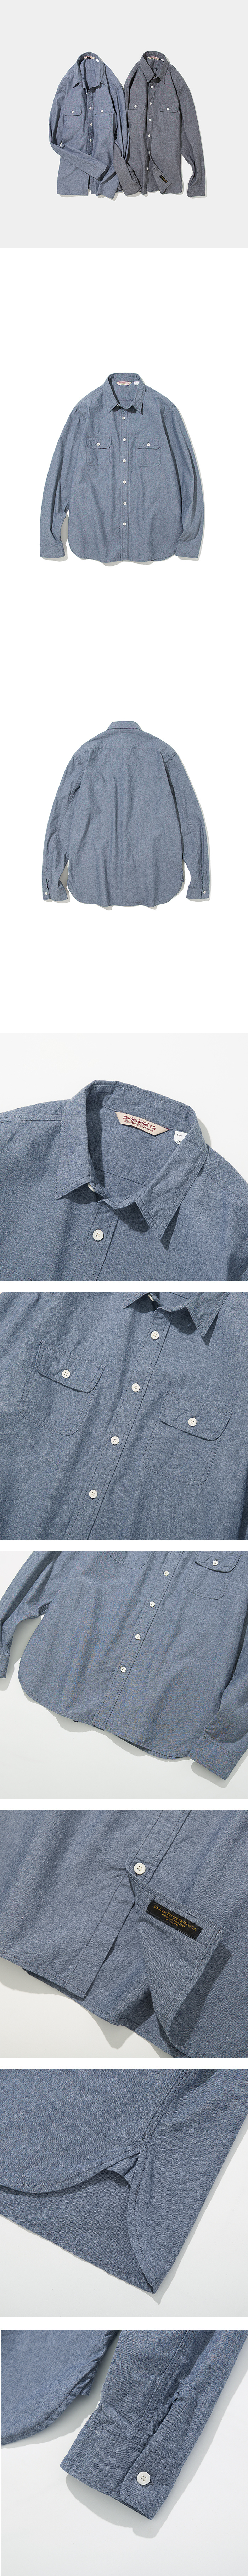 유니폼브릿지(UNIFORM BRIDGE) 18fw chambray shirts navy